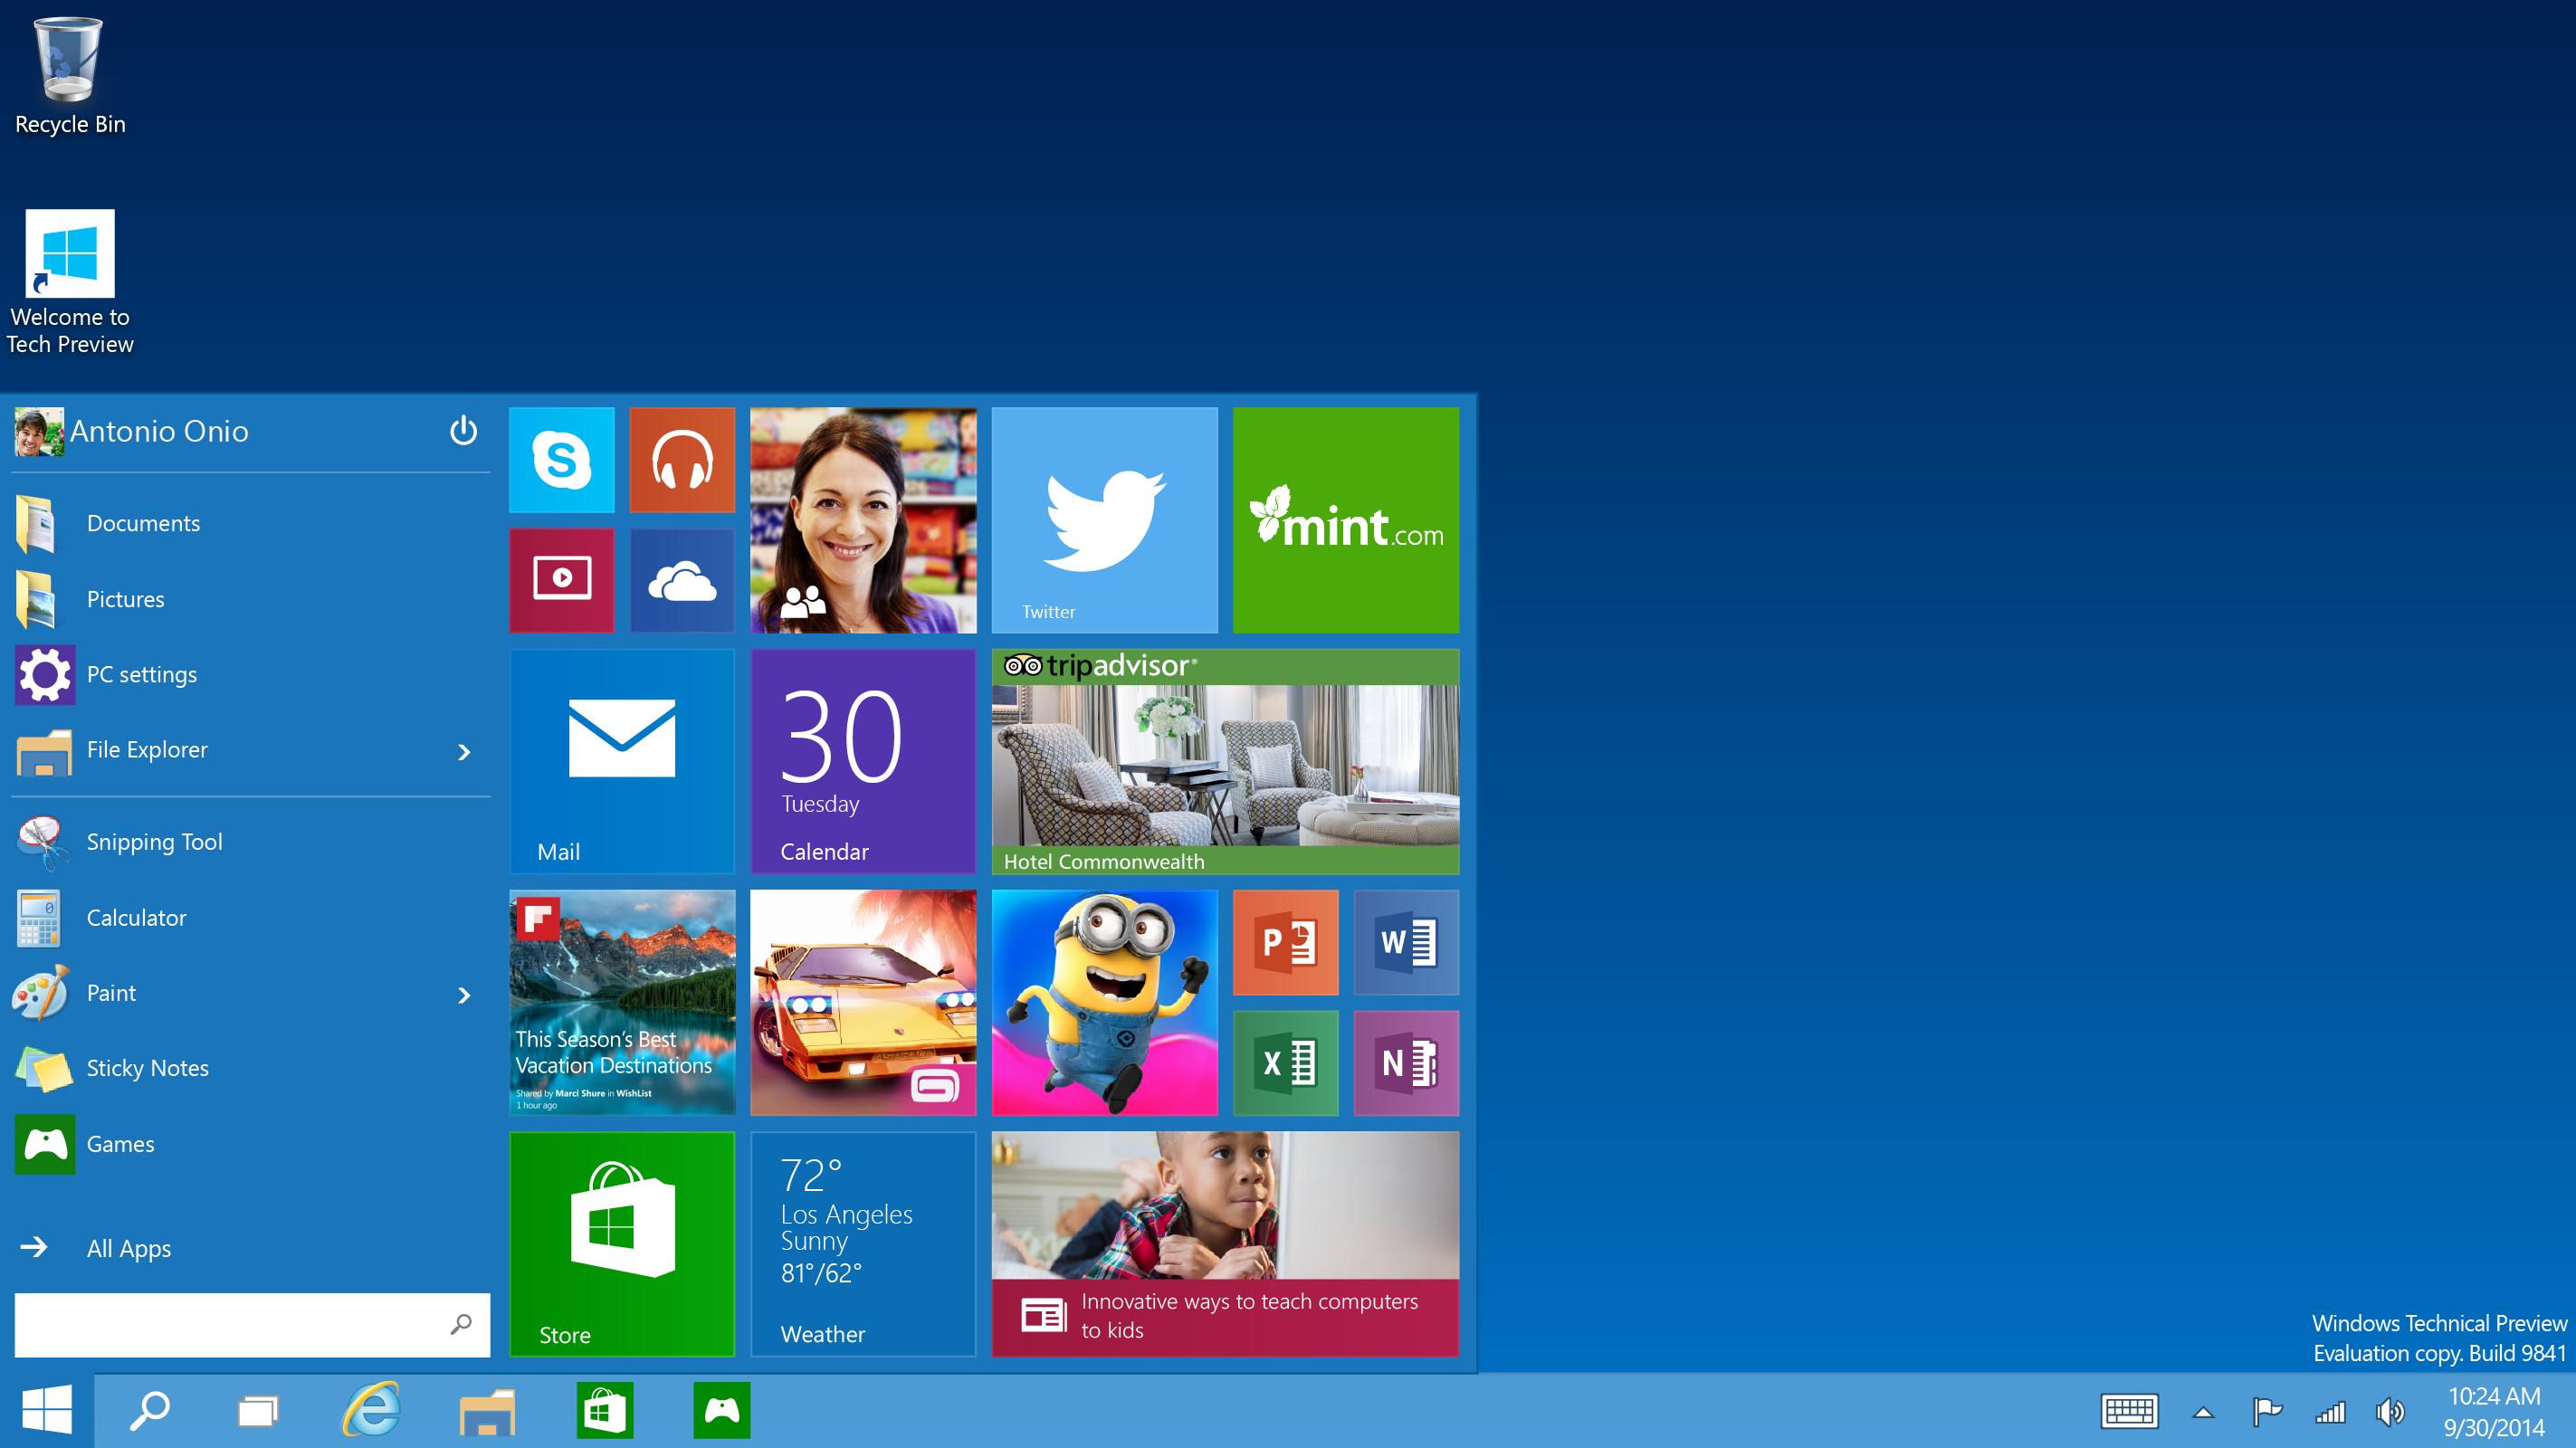 رابط کاربری ویندوز 10 در آینده از طریق مایکروسافت استور قابل شخصی سازی خواهد بود